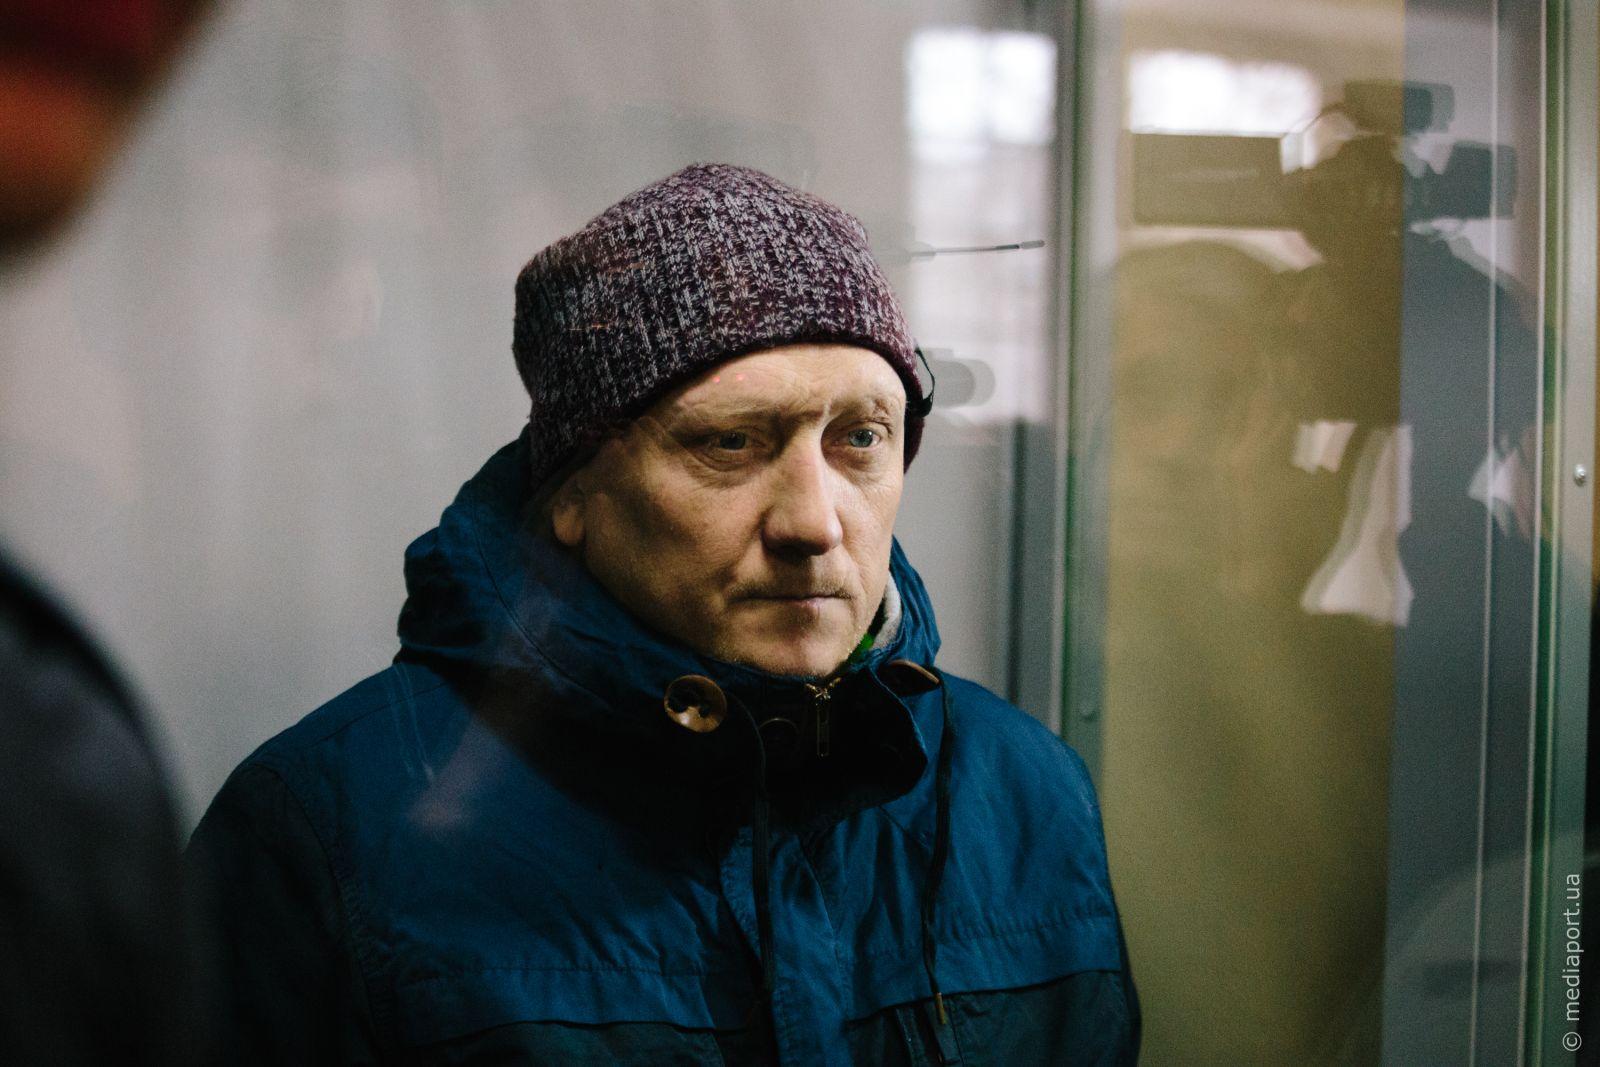 Обвинувачені відмовилися спілкуватися з кореспондентом «МедіаПорту». На фото Володимир Дворніков